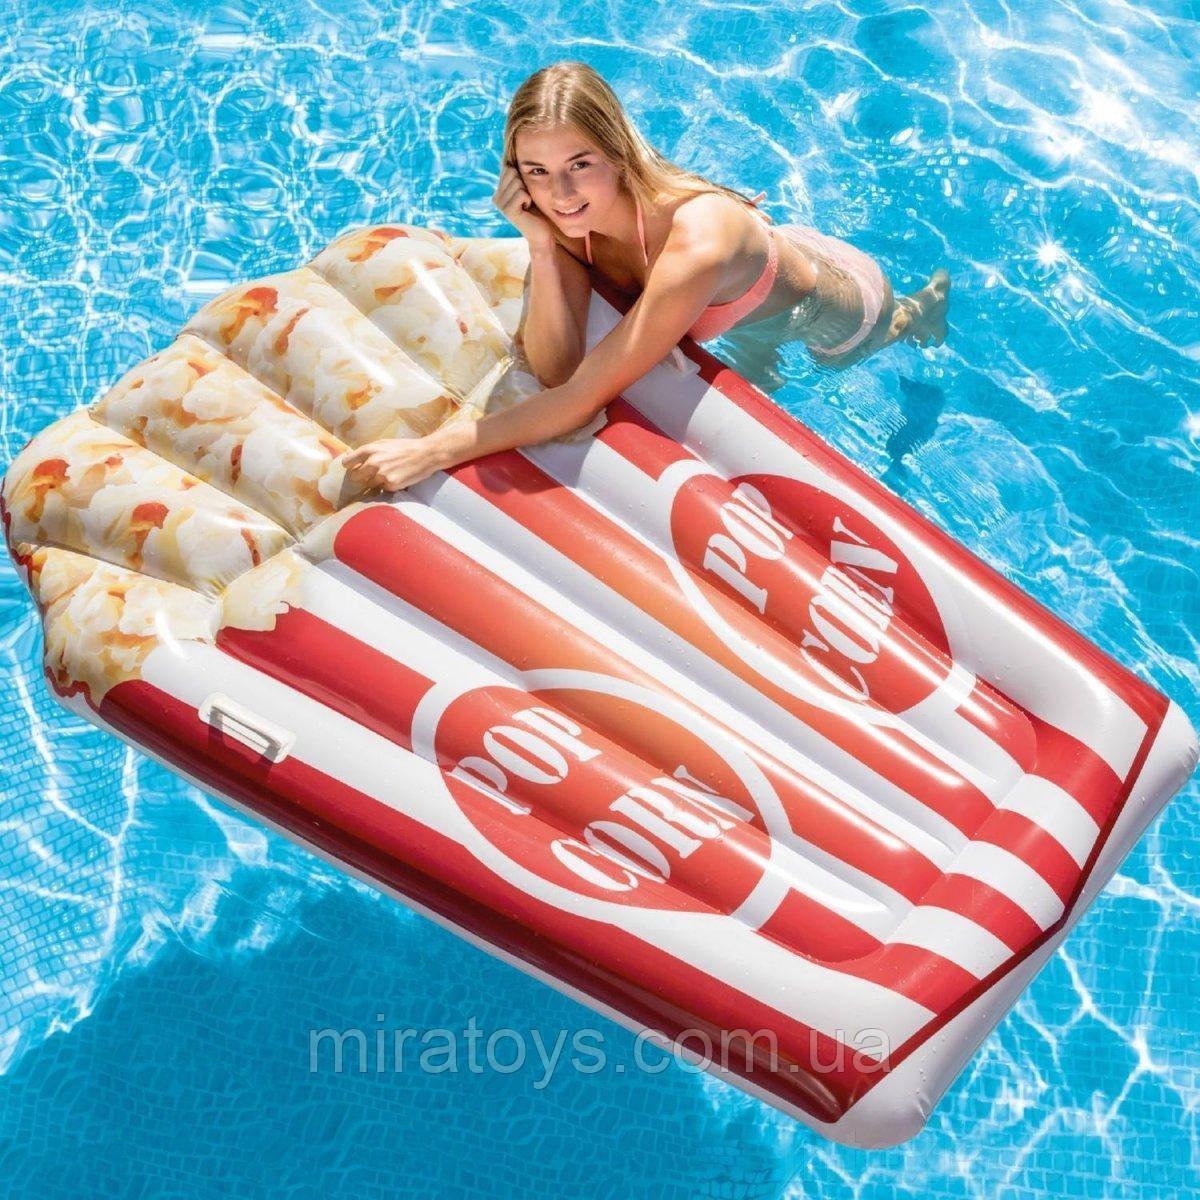 ✅Пляжный надувной матрас - плот Intex 58779 «Попкорн», 178 х 124 см